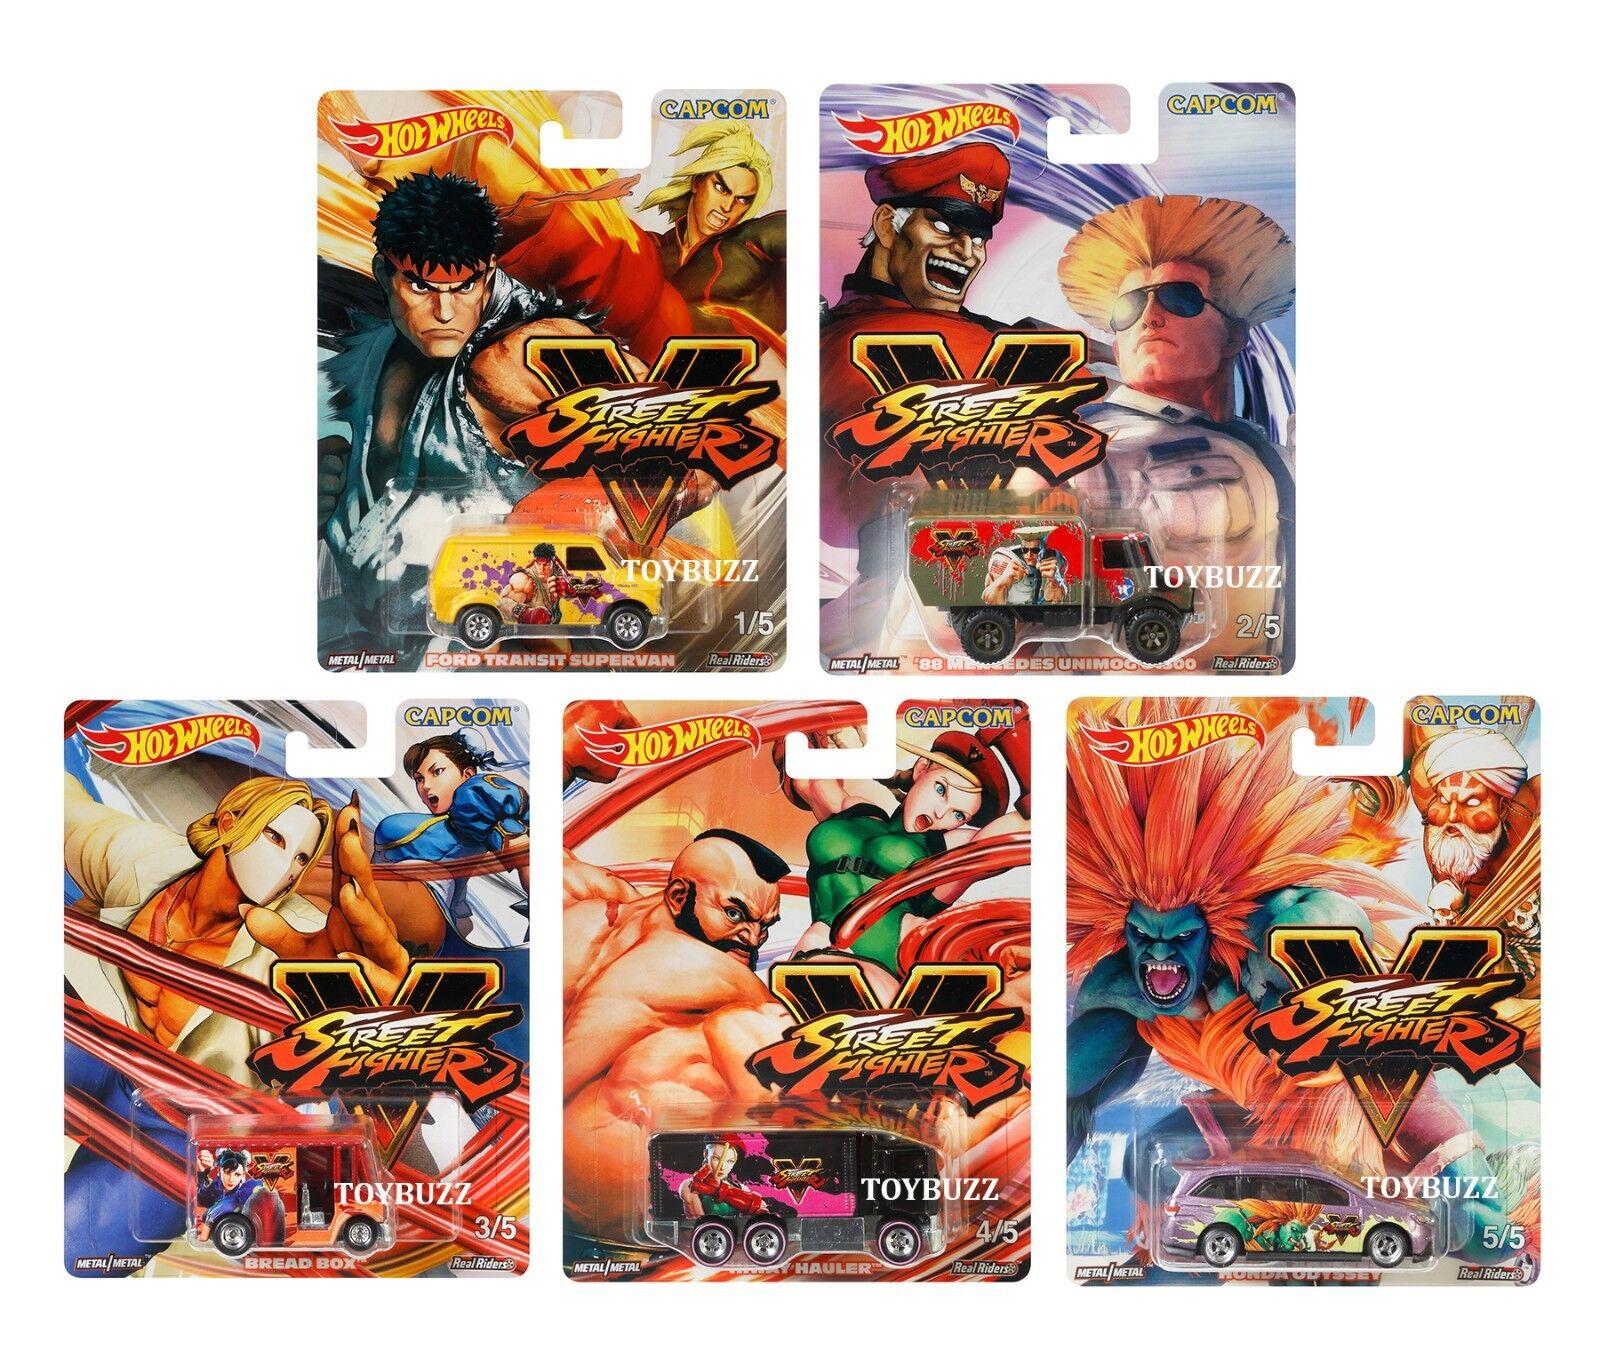 Hot Wheels 1 64 Cultura Pop 2018 DLB45-956S Estuche Sellado Capcom Street Fighter